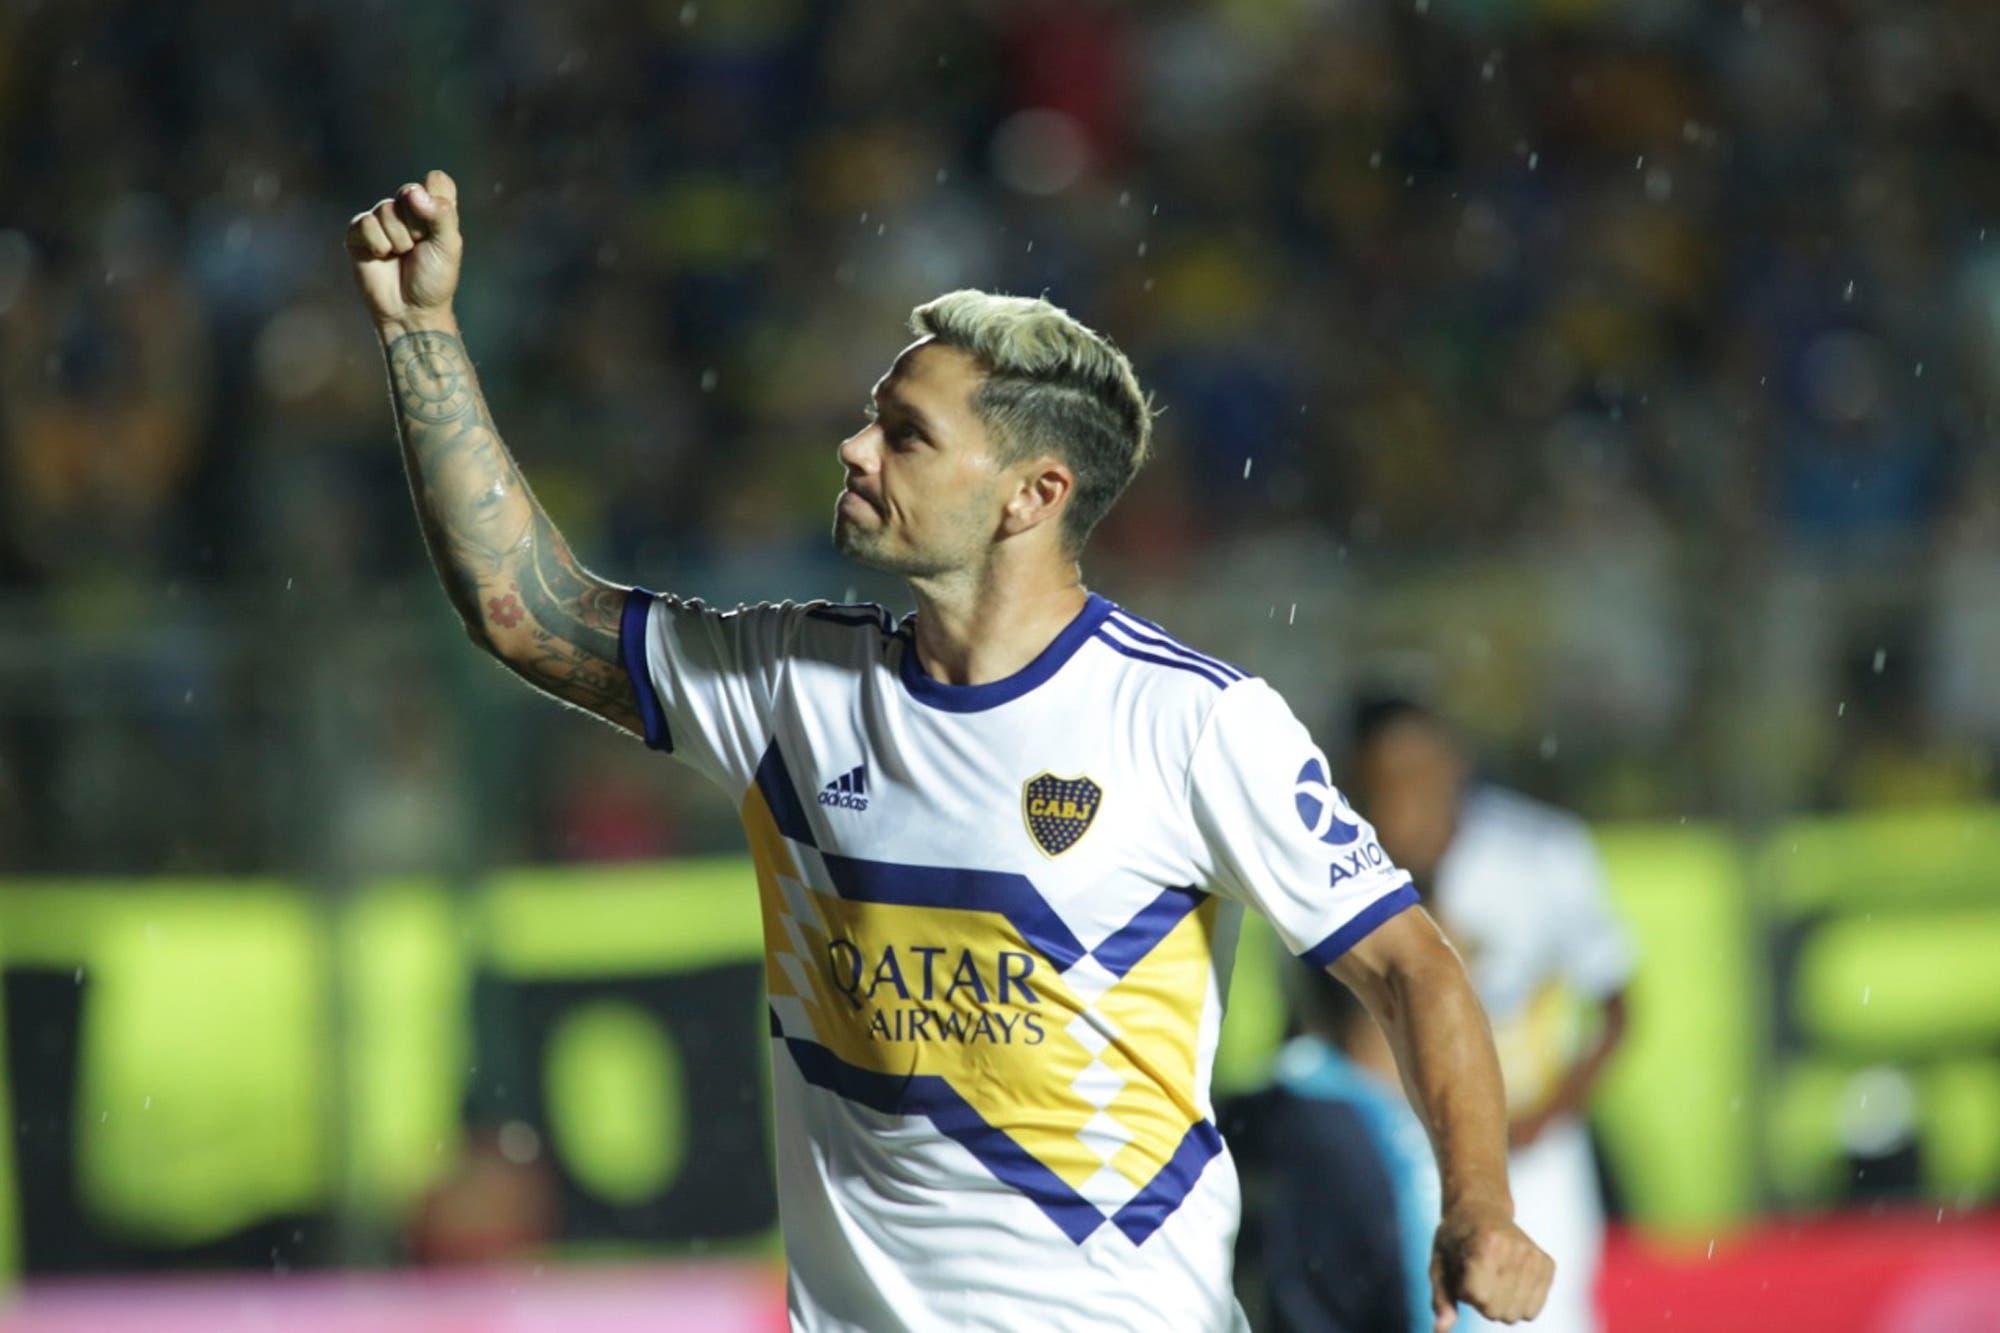 Mauro Zárate renovó contrato con Boca y Miguel Ángel Russo sonríe